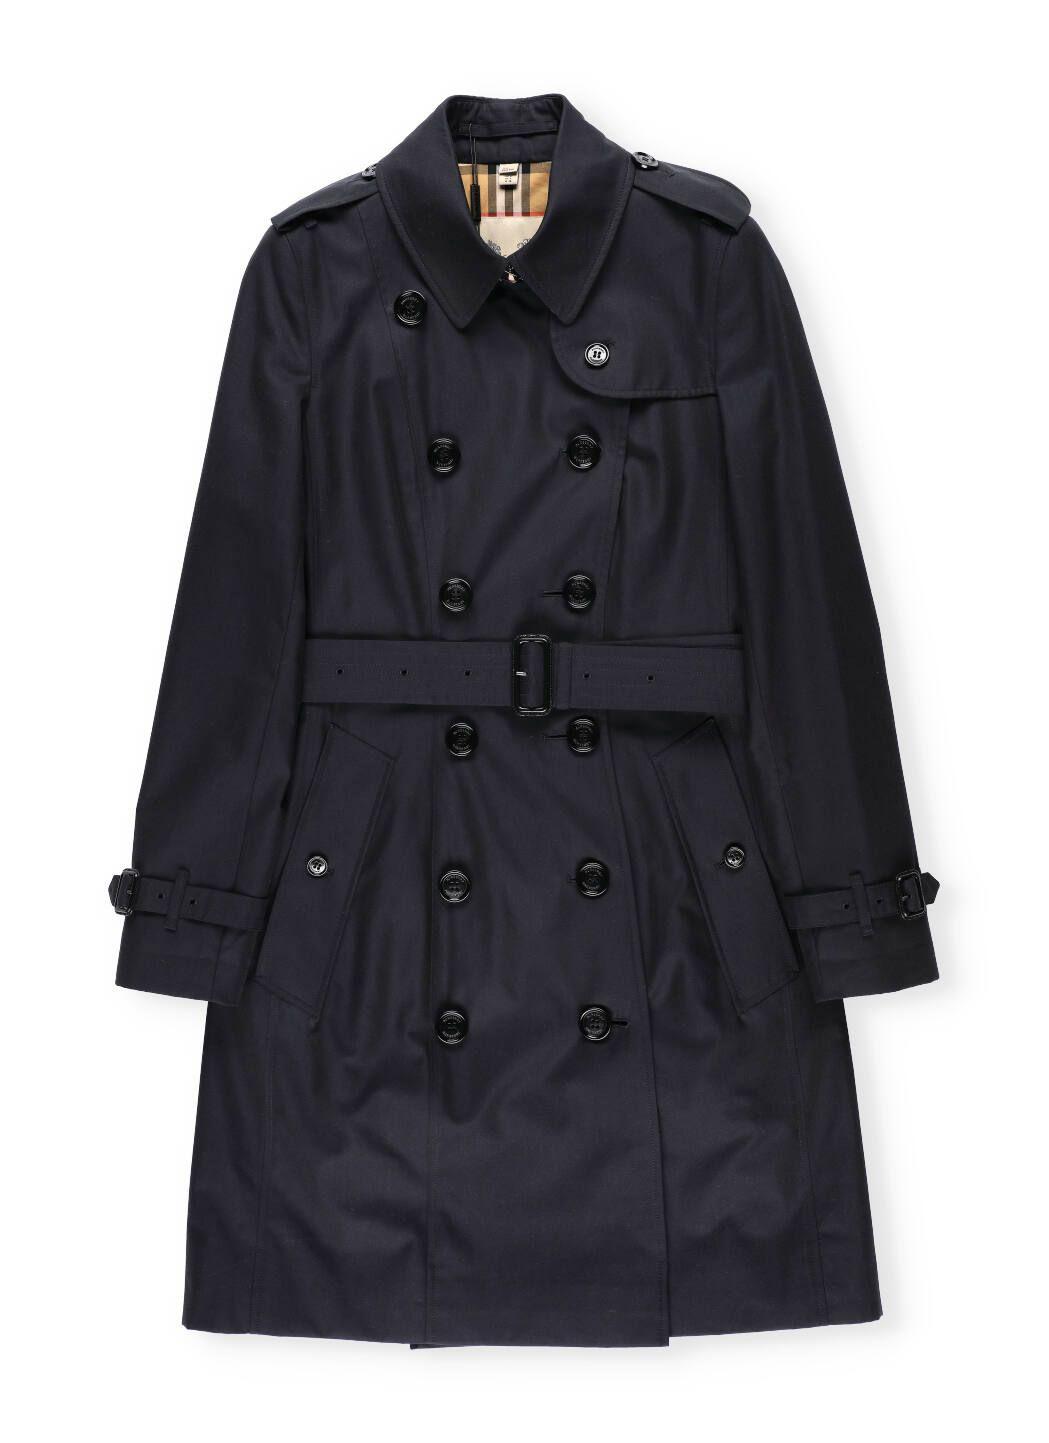 The Chelsea Medium Heritage Trench Coat